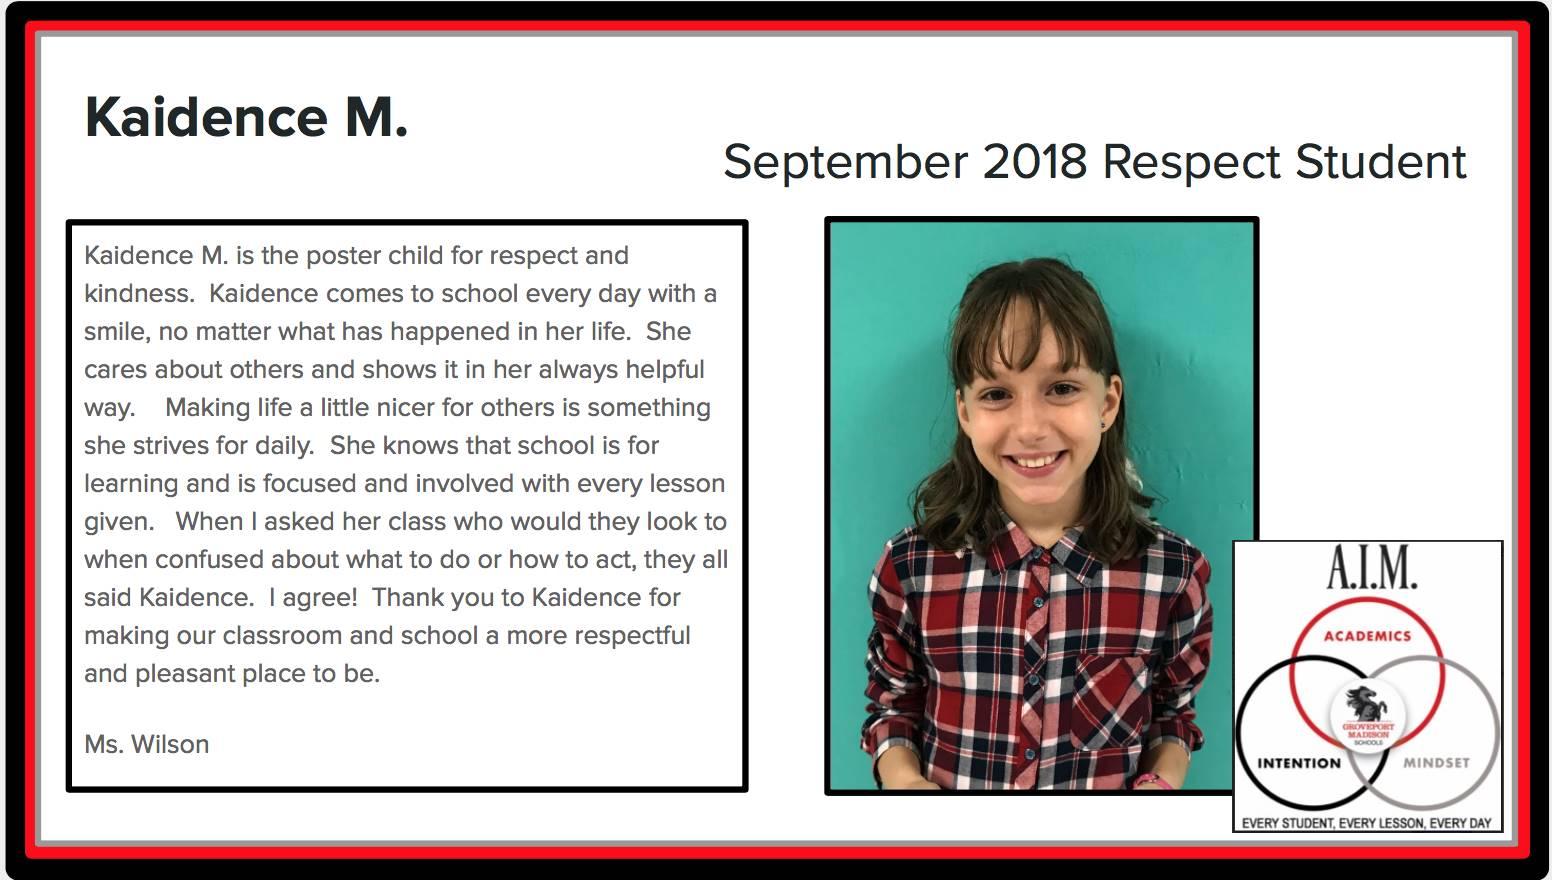 September Respect Student Kaidence